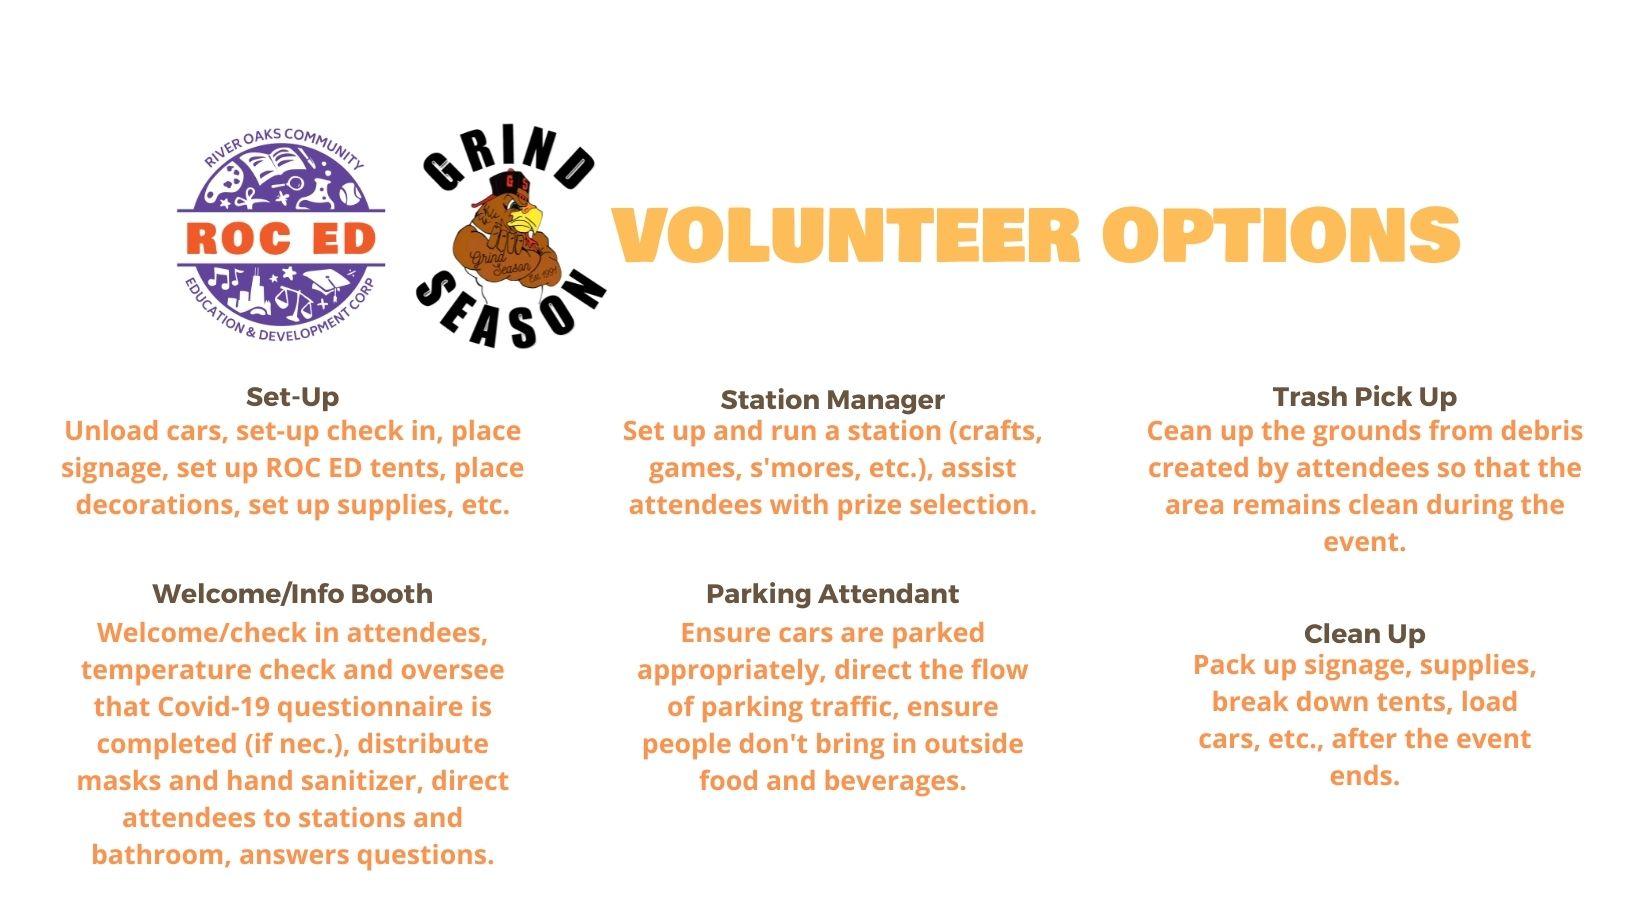 Volunteer Options